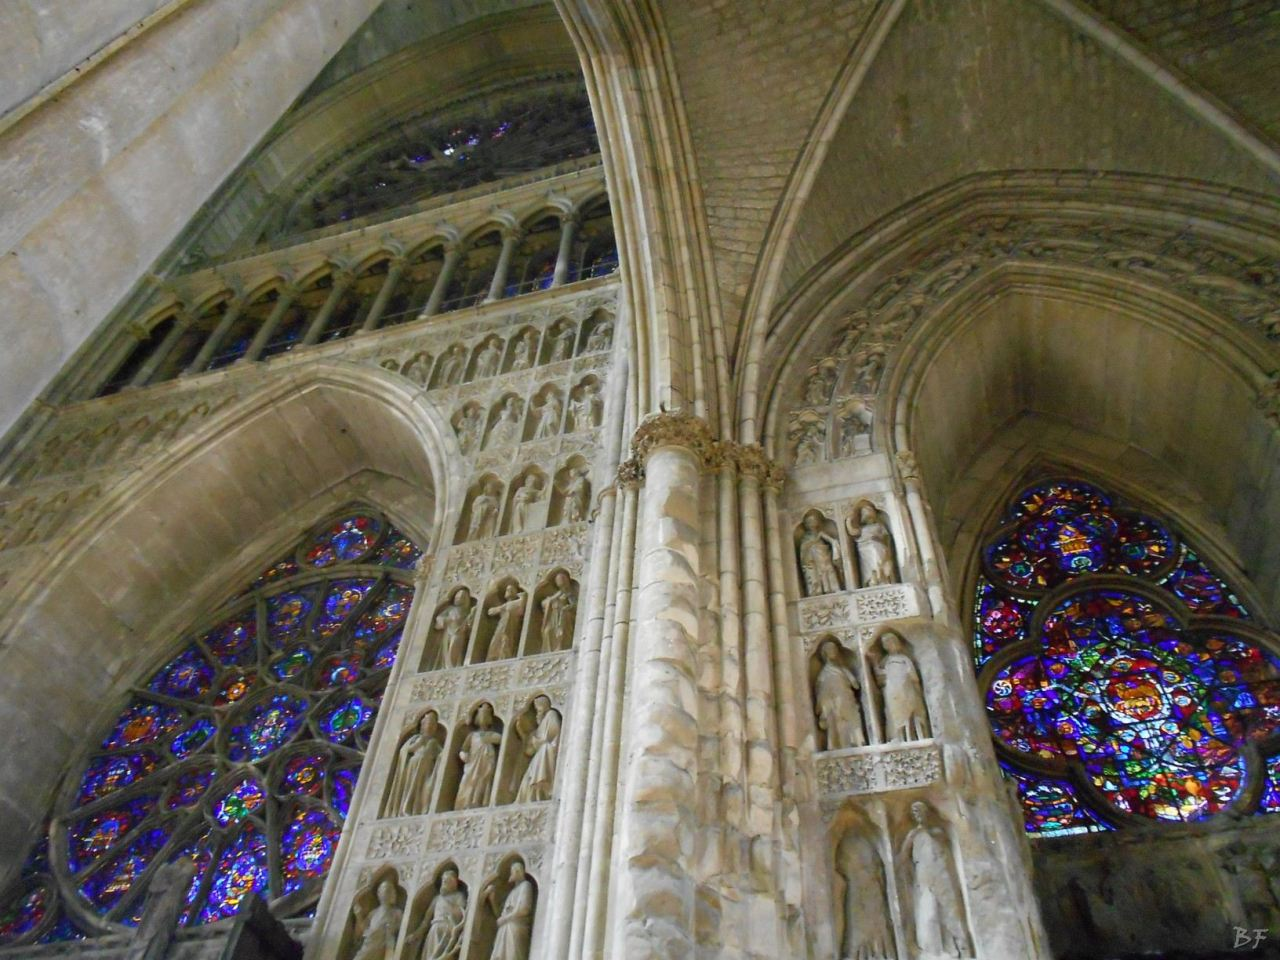 Cattedrale-Gotica-della-Vergine-di-Reims-Marne-Gran-Est-Francia-3